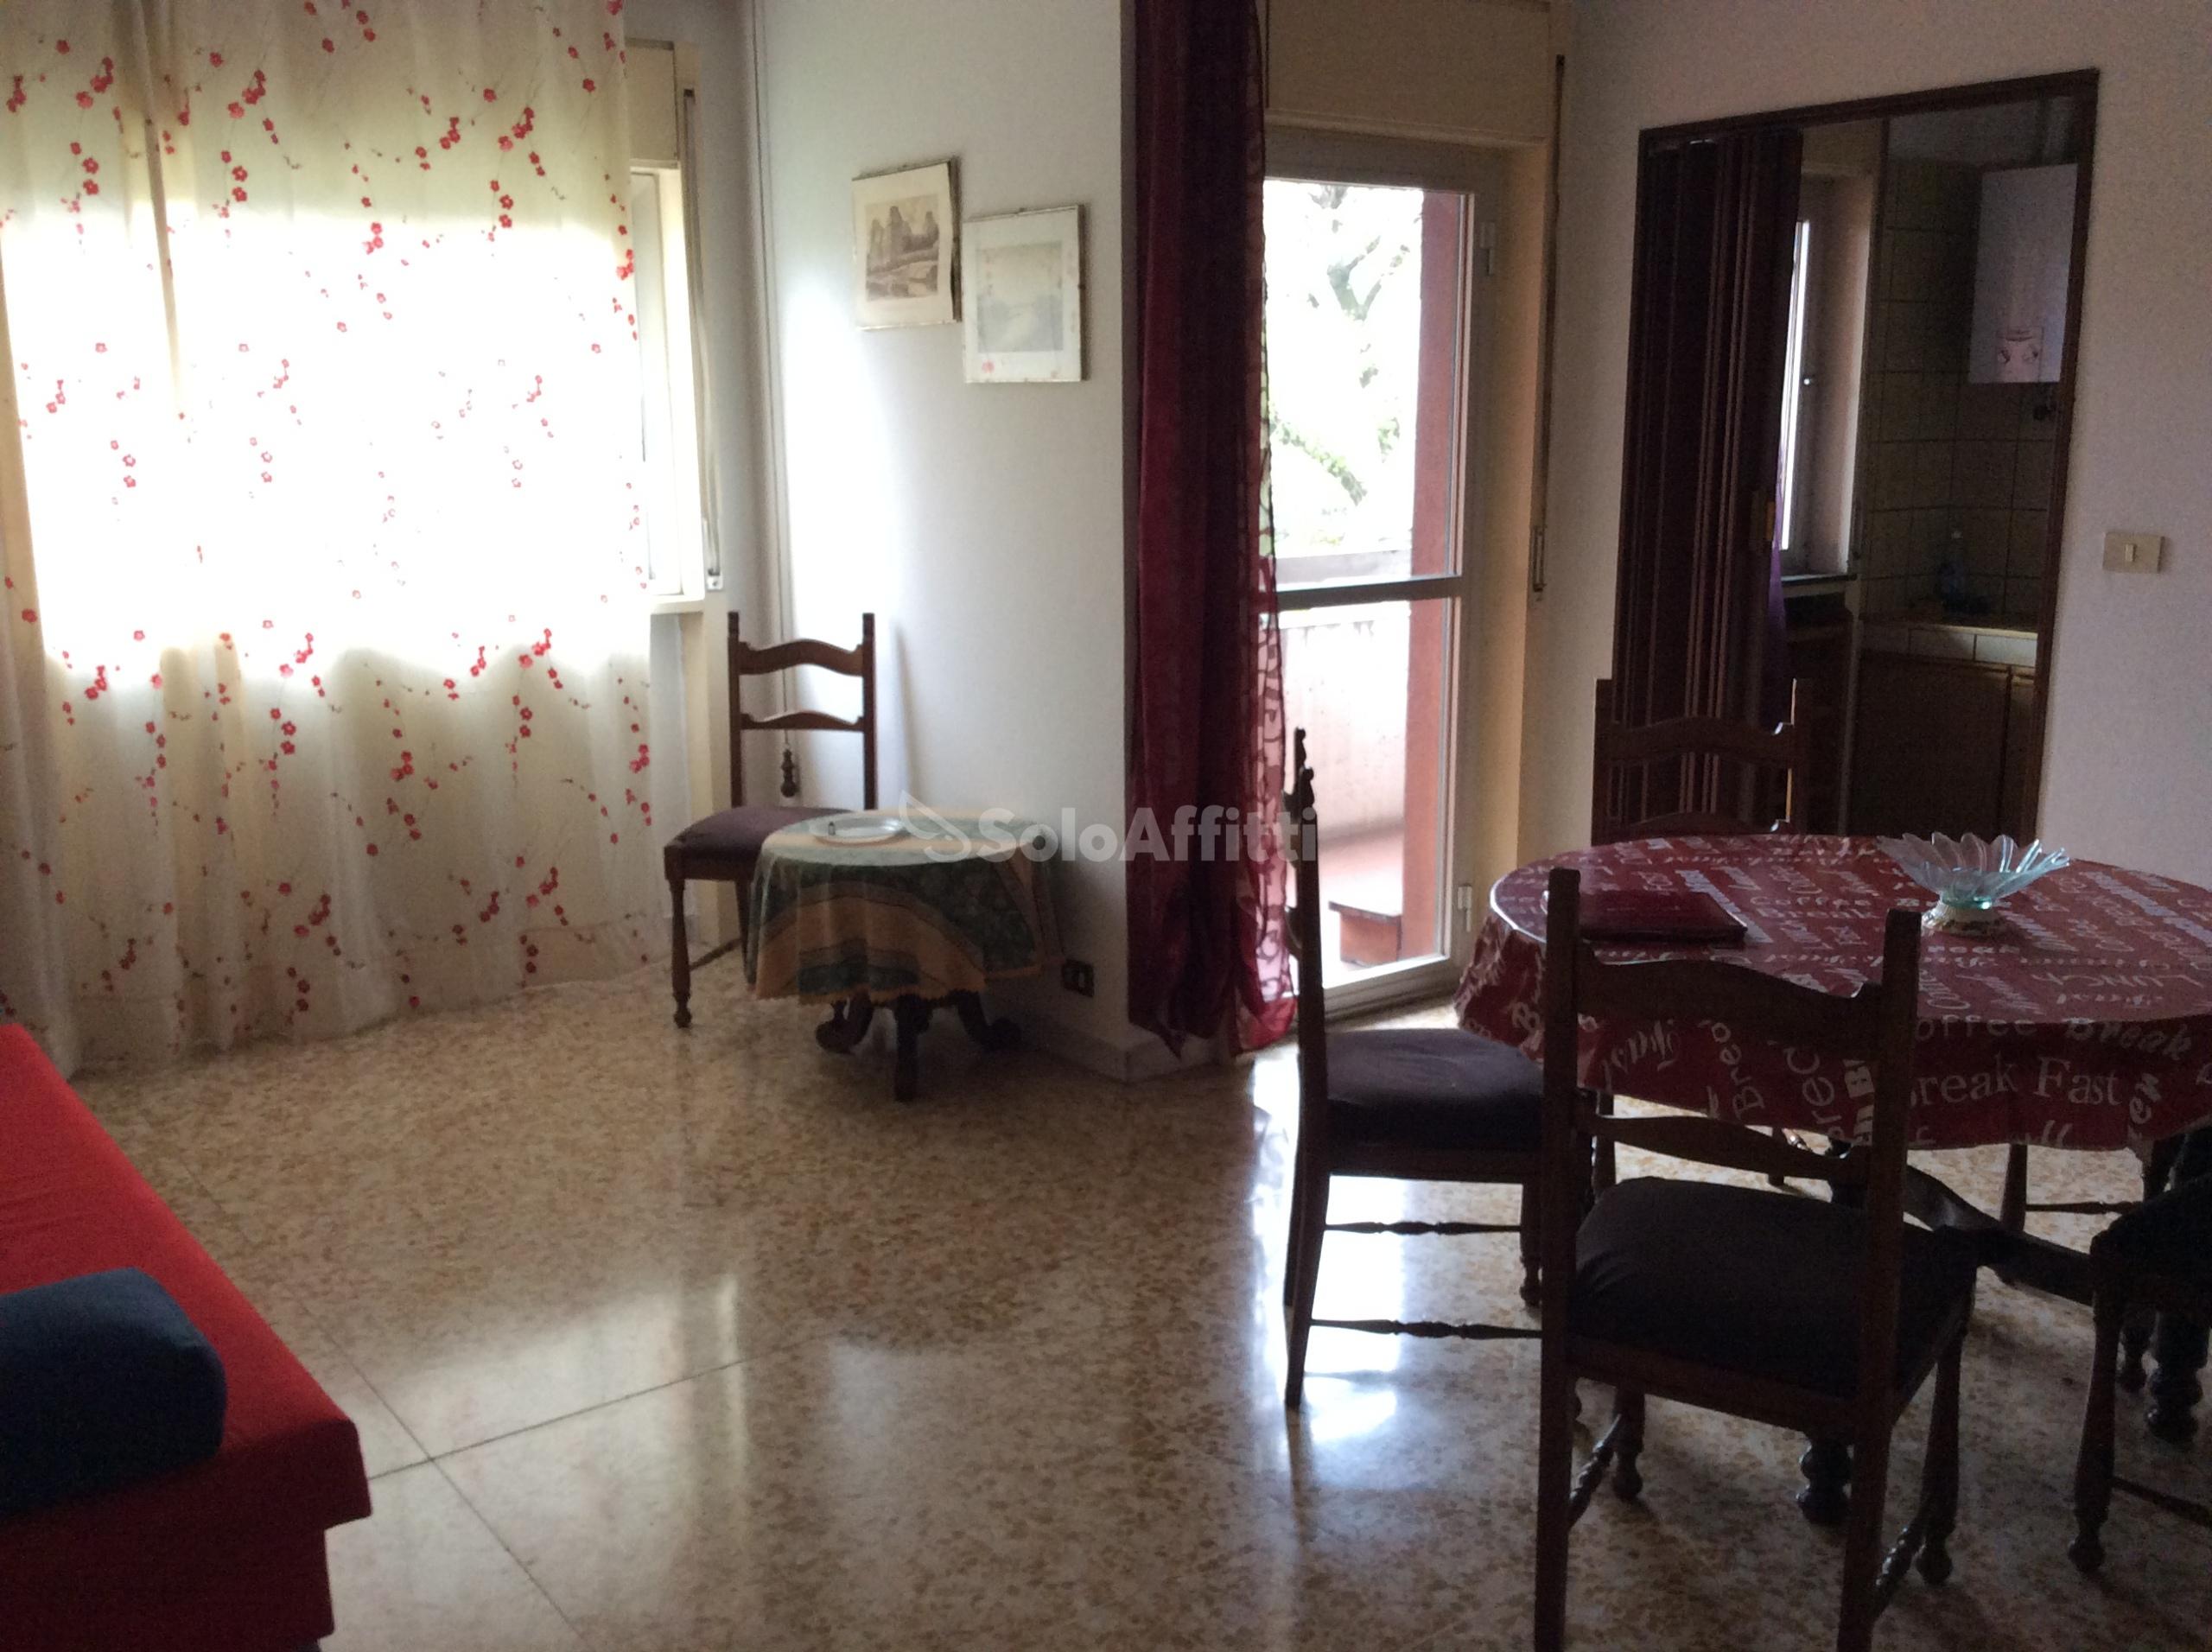 Ufficio Casa Orbassano : Ufficio studio case negozi e appartamenti in affitto a